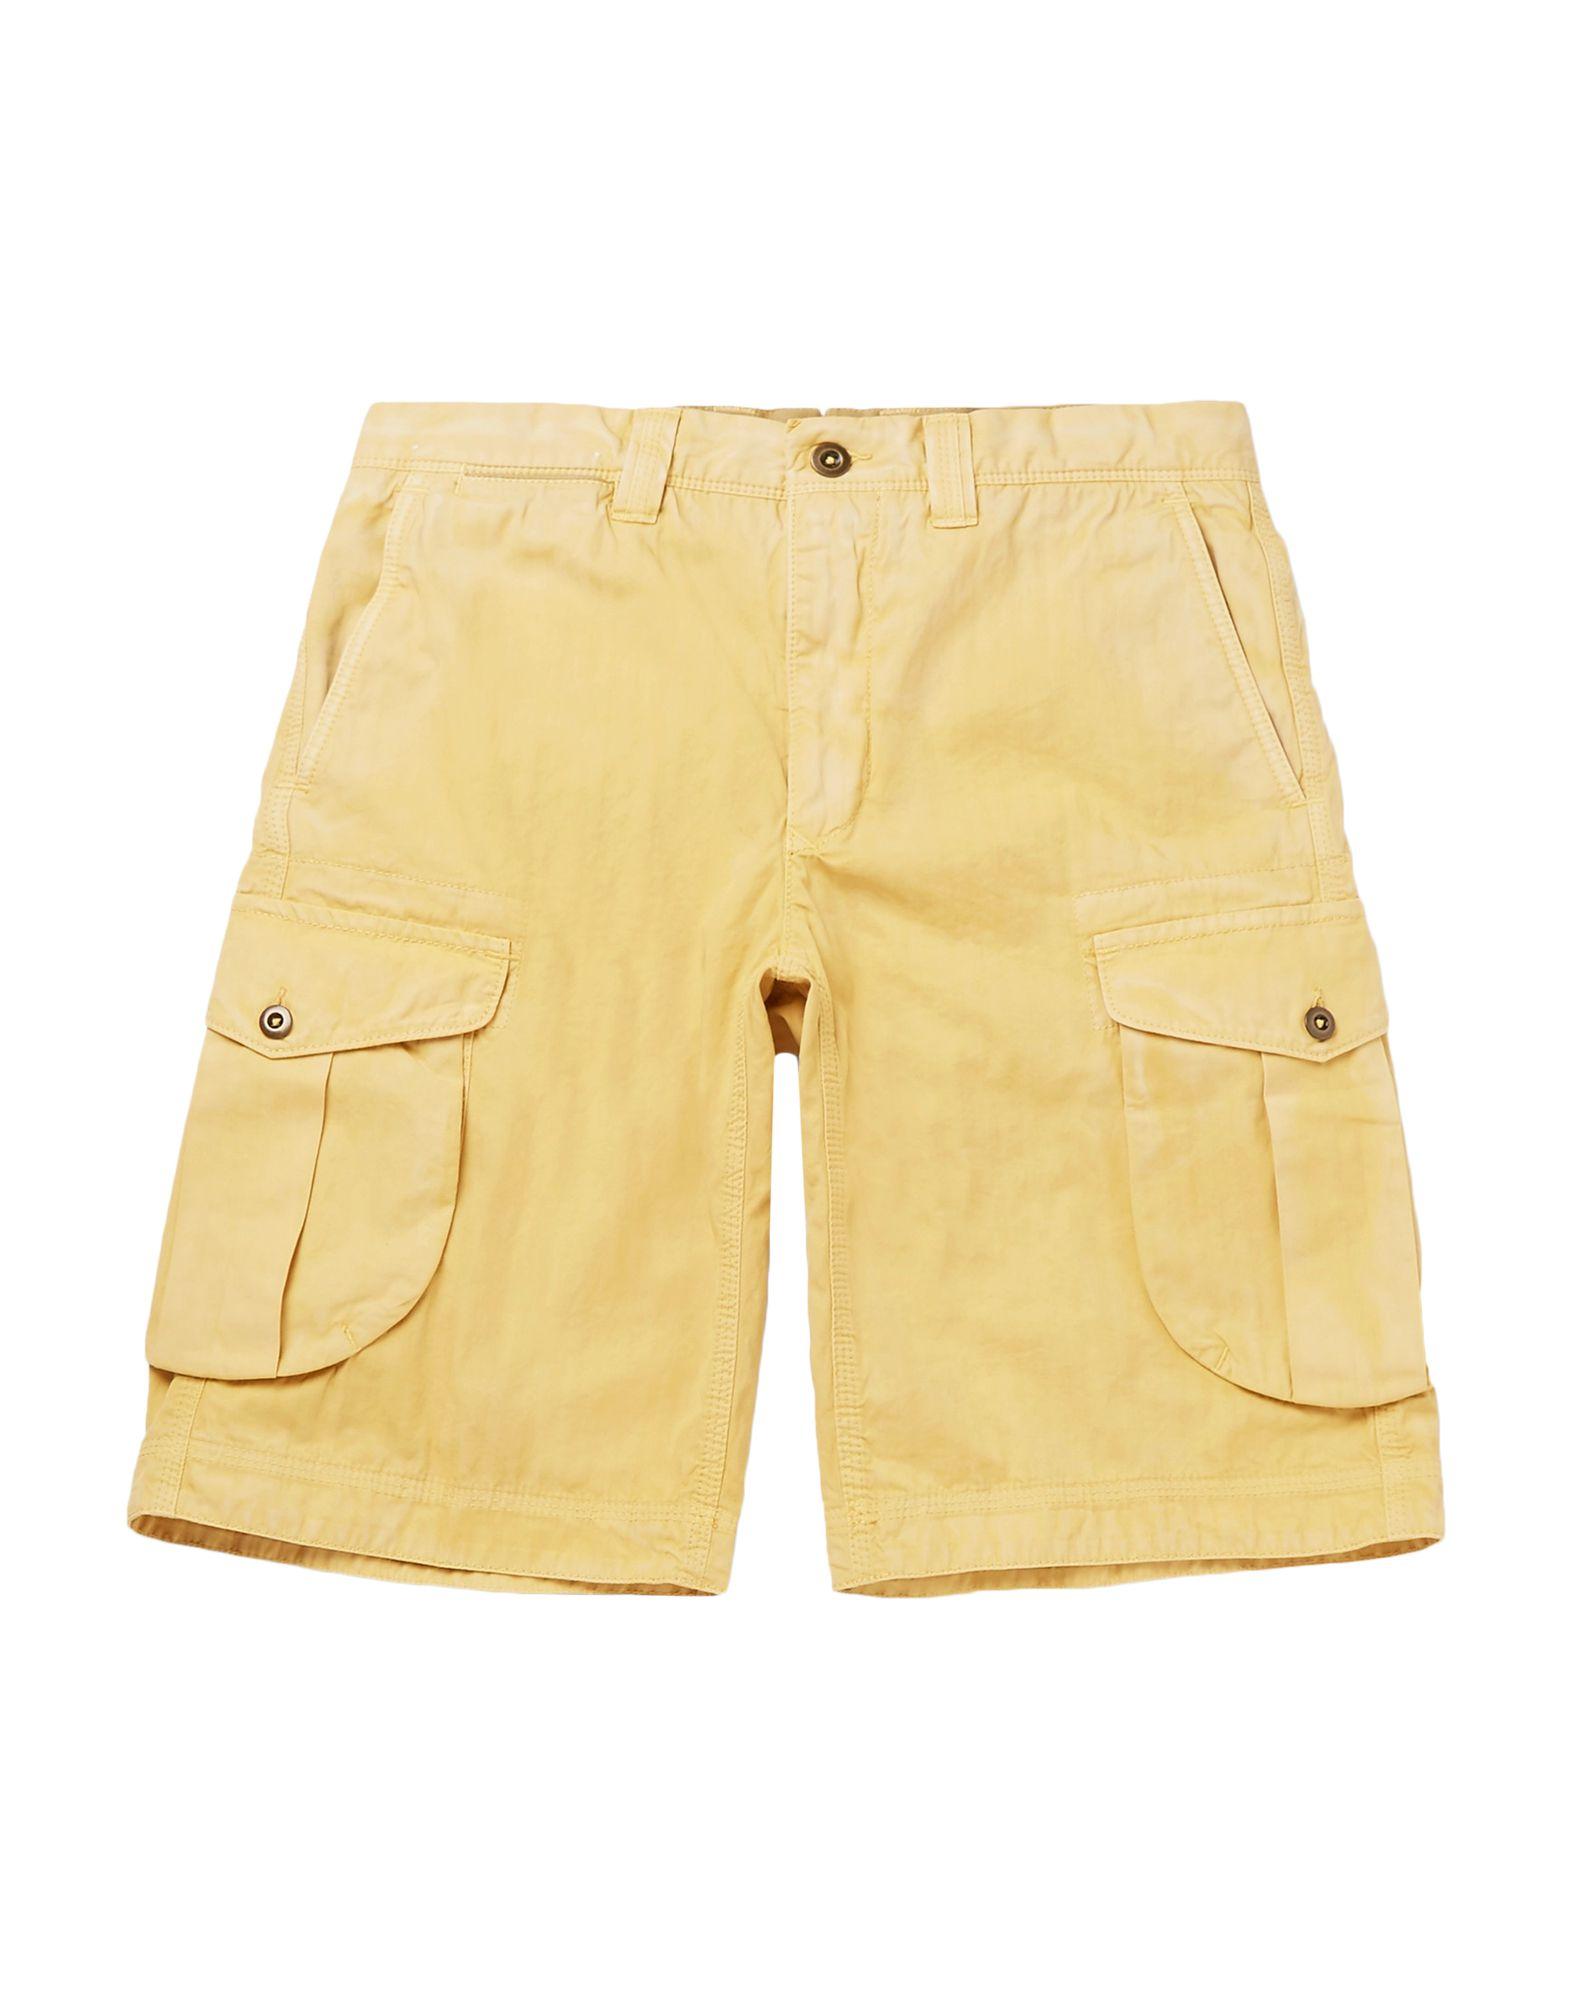 Shorts & Bermuda Bermuda Bermuda Incotex uomo - 13357629WL a5a